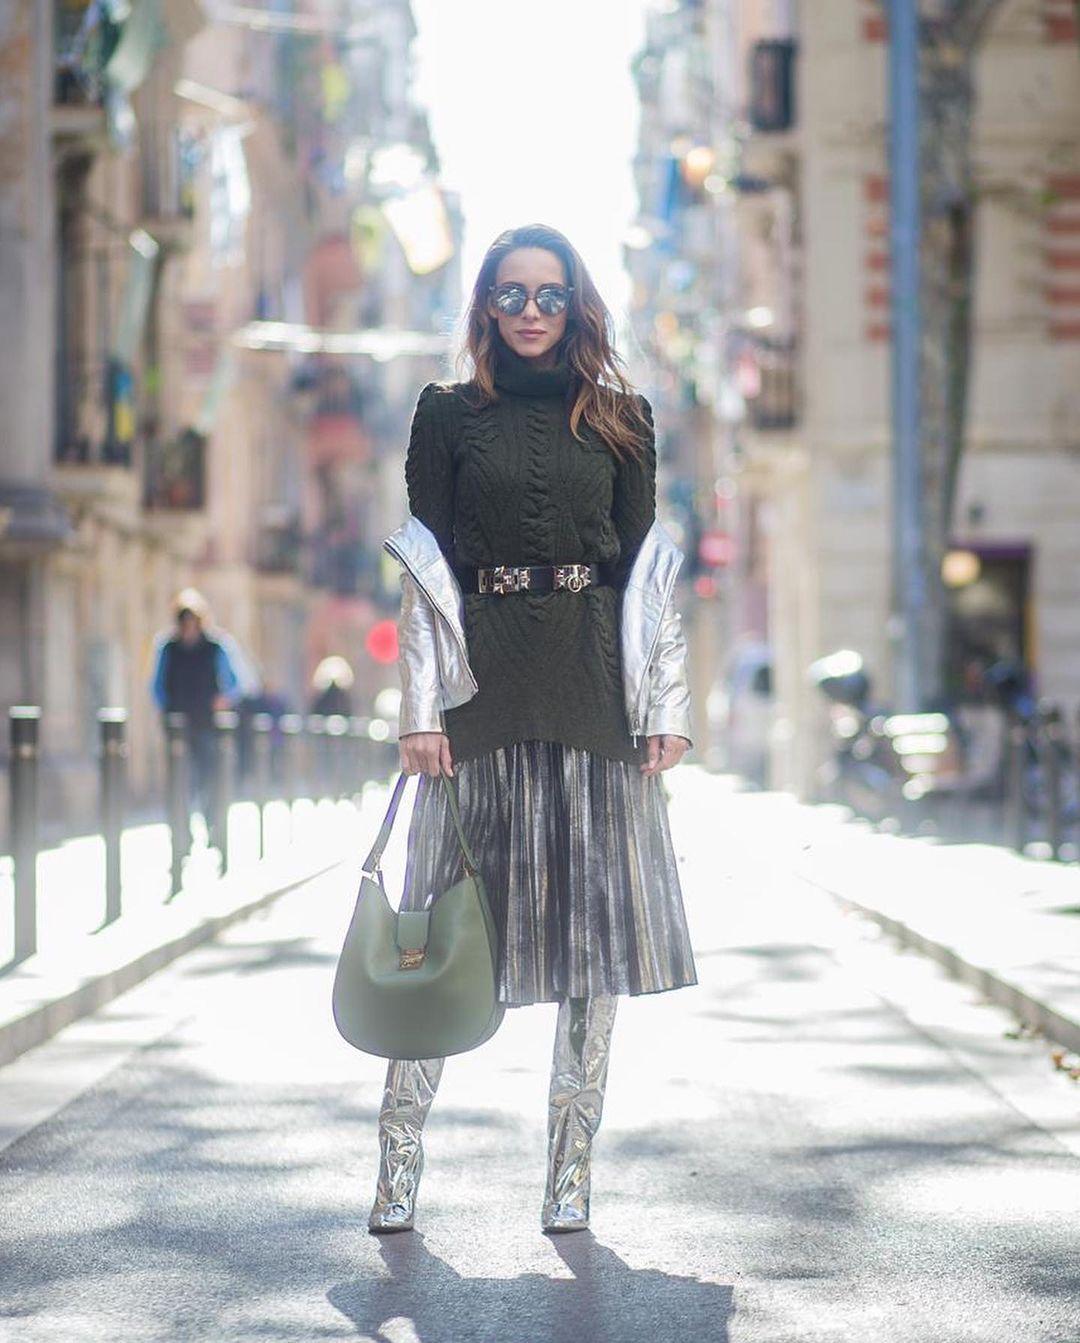 модная юбка плиссировка как стильно носить осень 2021 тренд миди серая